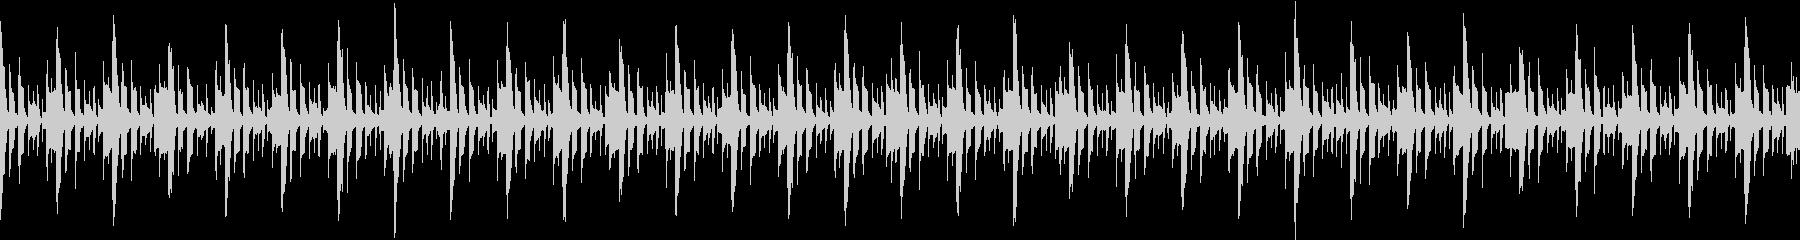 シンキングタイム三拍子のループ素材の未再生の波形